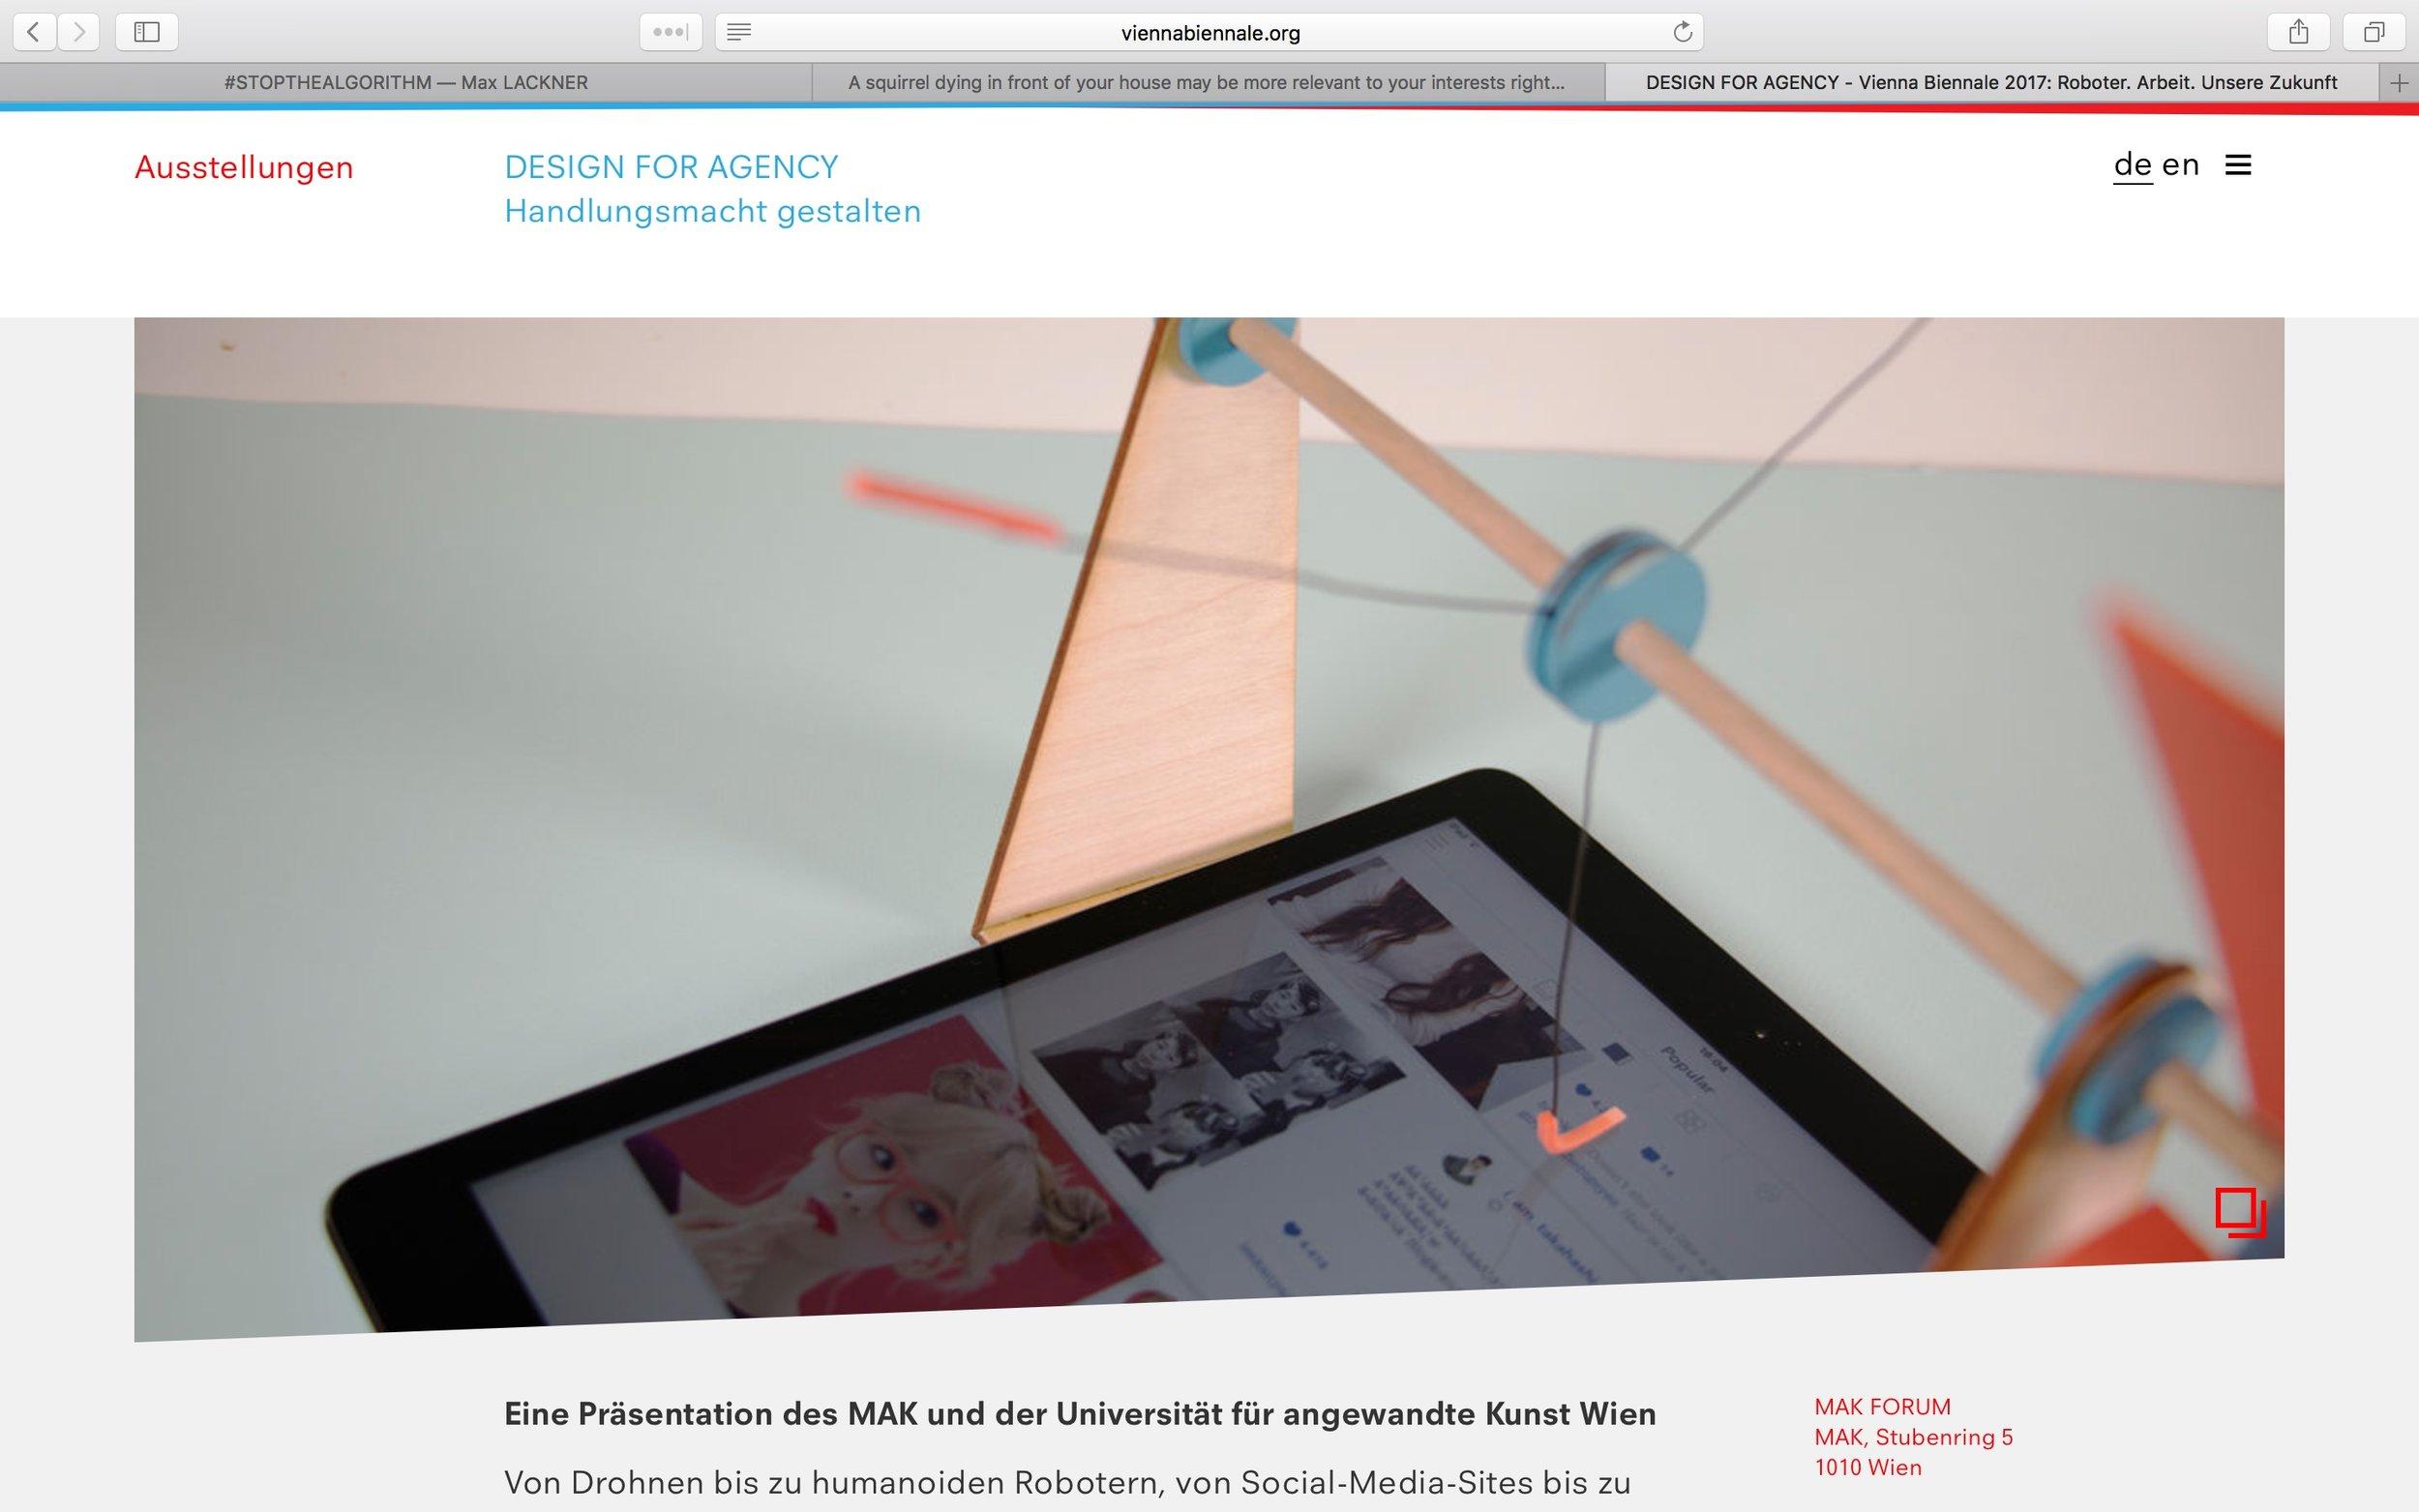 http://www.viennabiennale.org/ausstellungen/detail/design-for-agency/